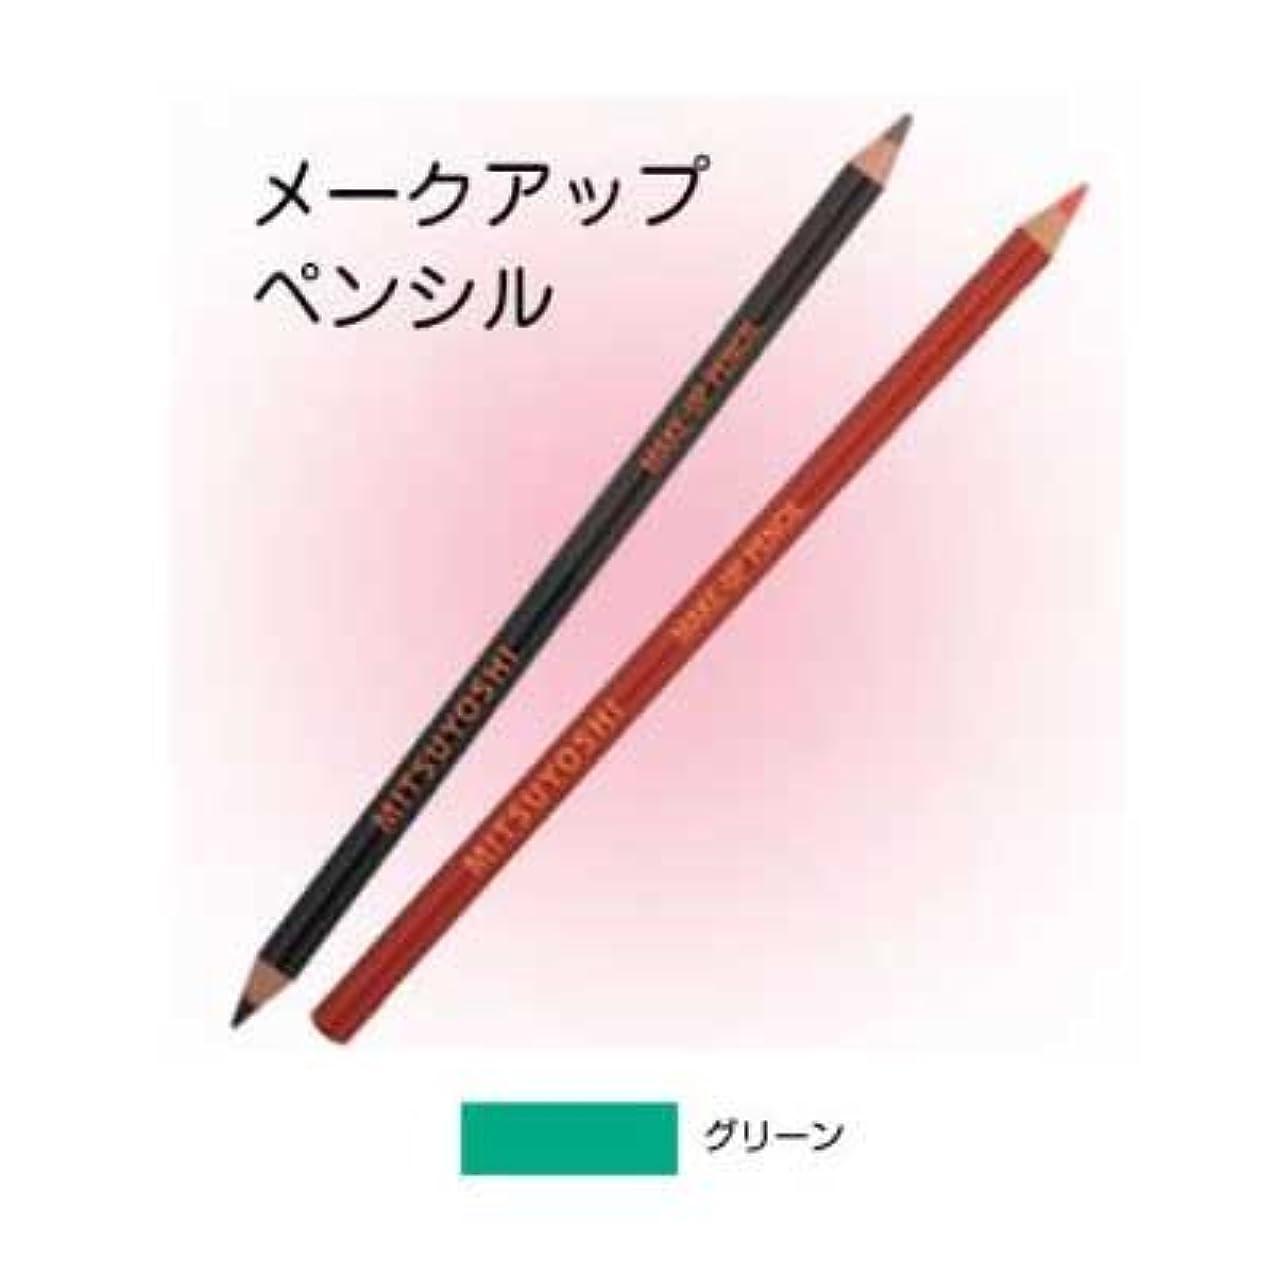 ソフトウェア手当タイピストメークアップペンシル アイライナー グリーン【三善】